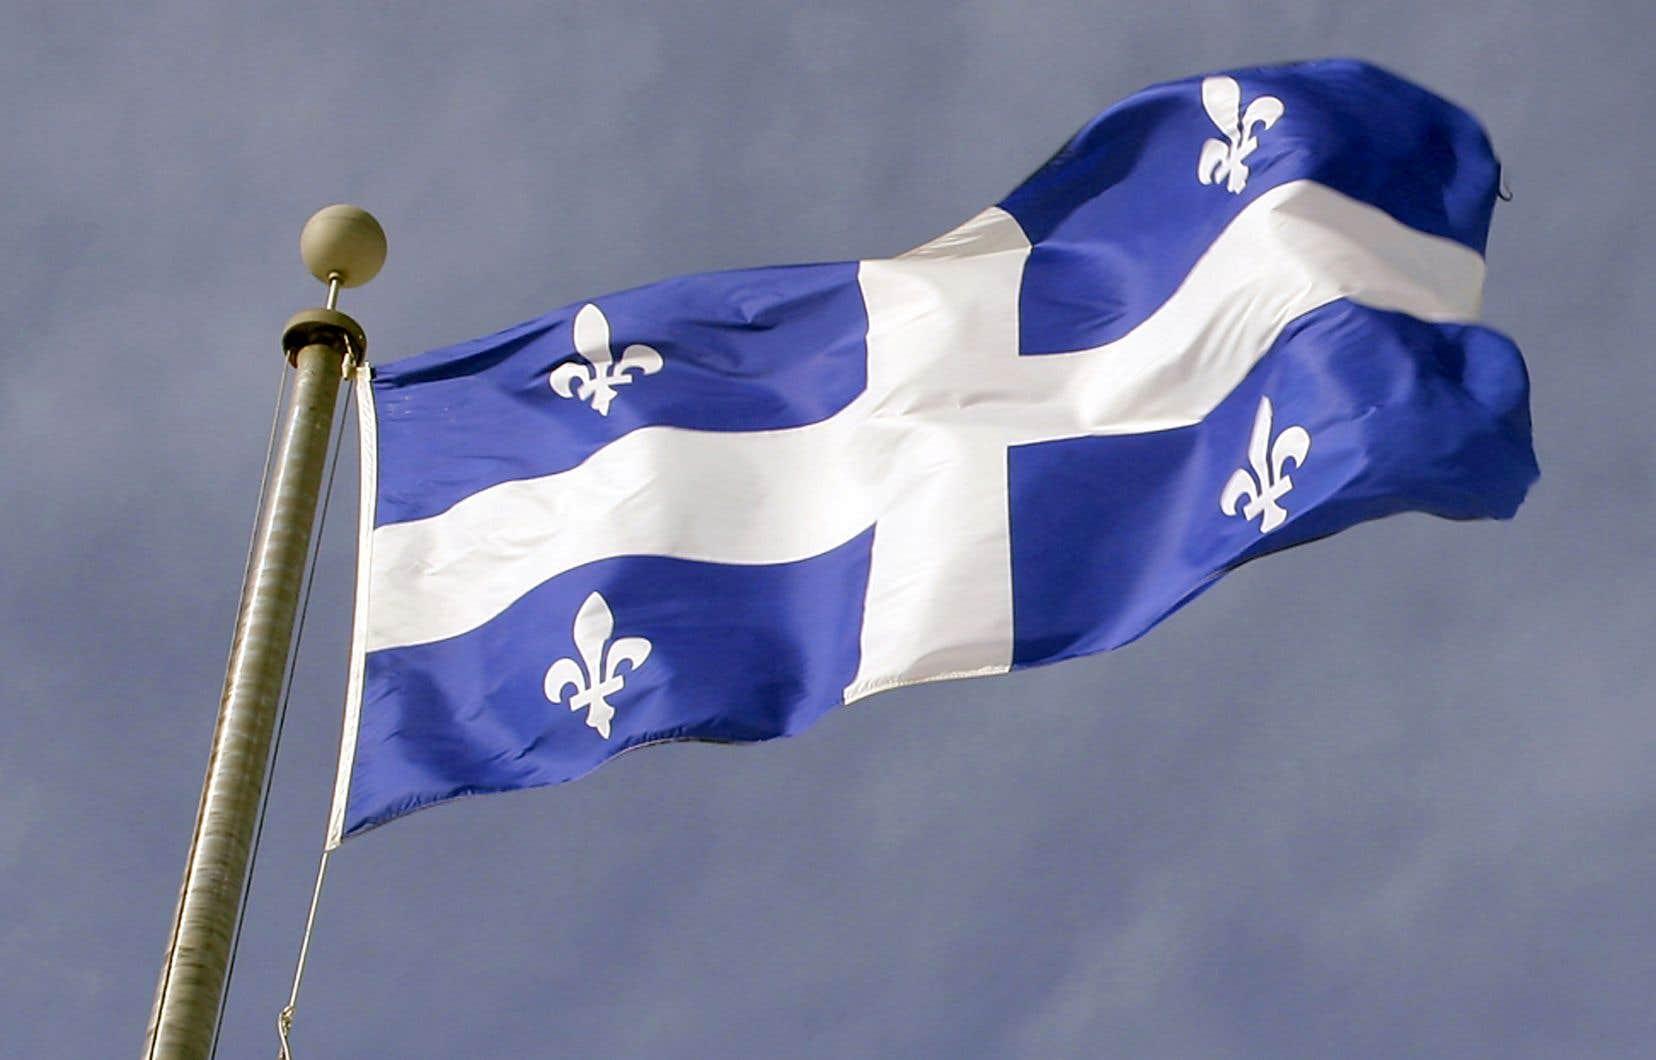 La loi 99 sur l'autodétermination du Québec avait été adoptée en 2000, sous le gouvernement péquiste de Lucien Bouchard.